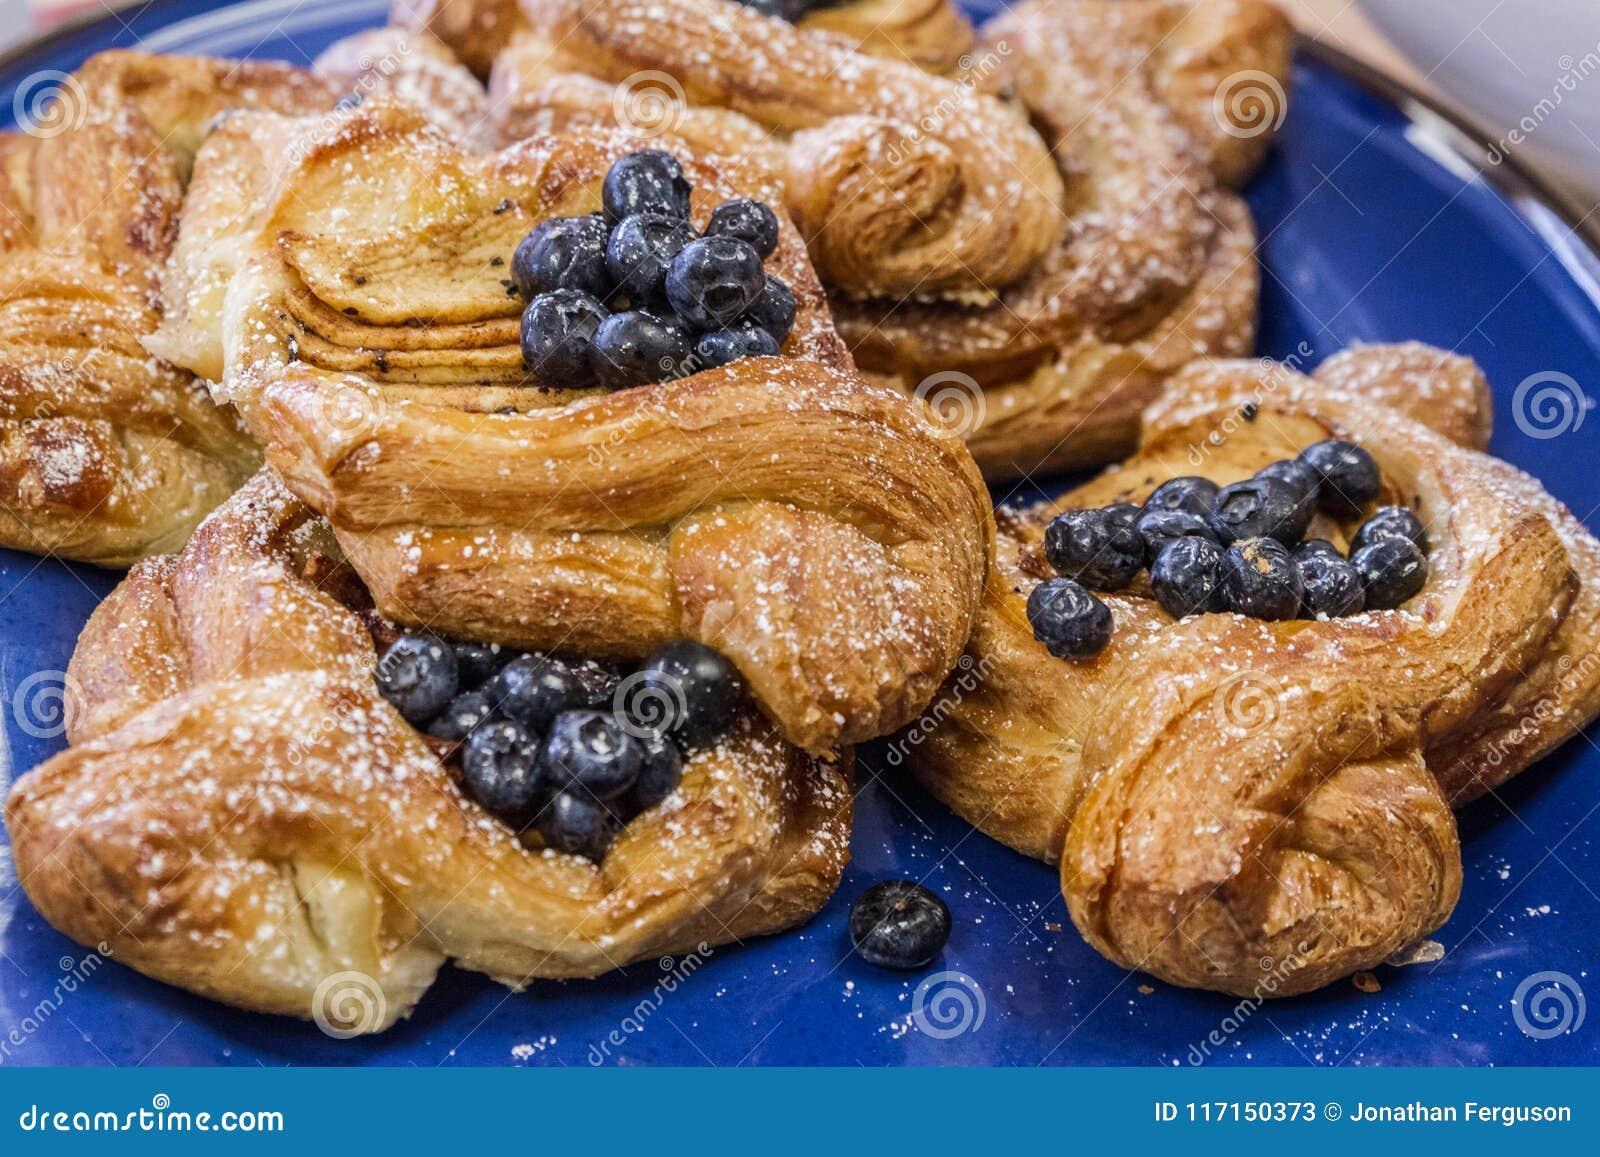 Delicious Fruit Danish Pastries